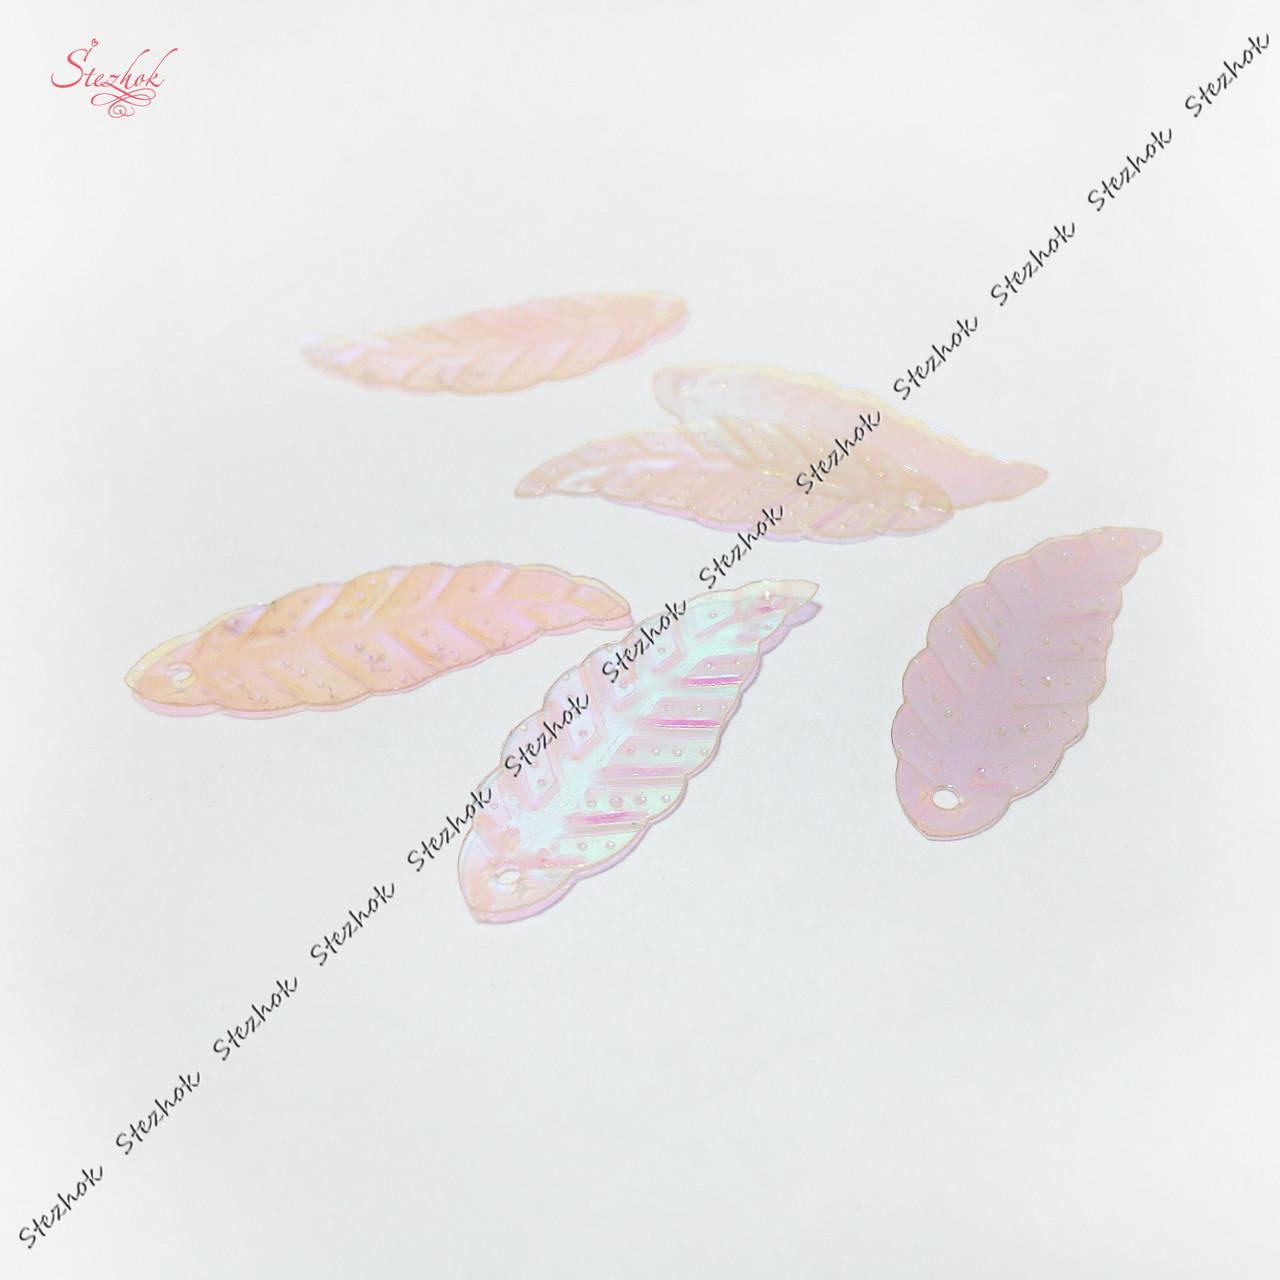 Акриловая подвеска листик 29 мм розовый для рукоделия